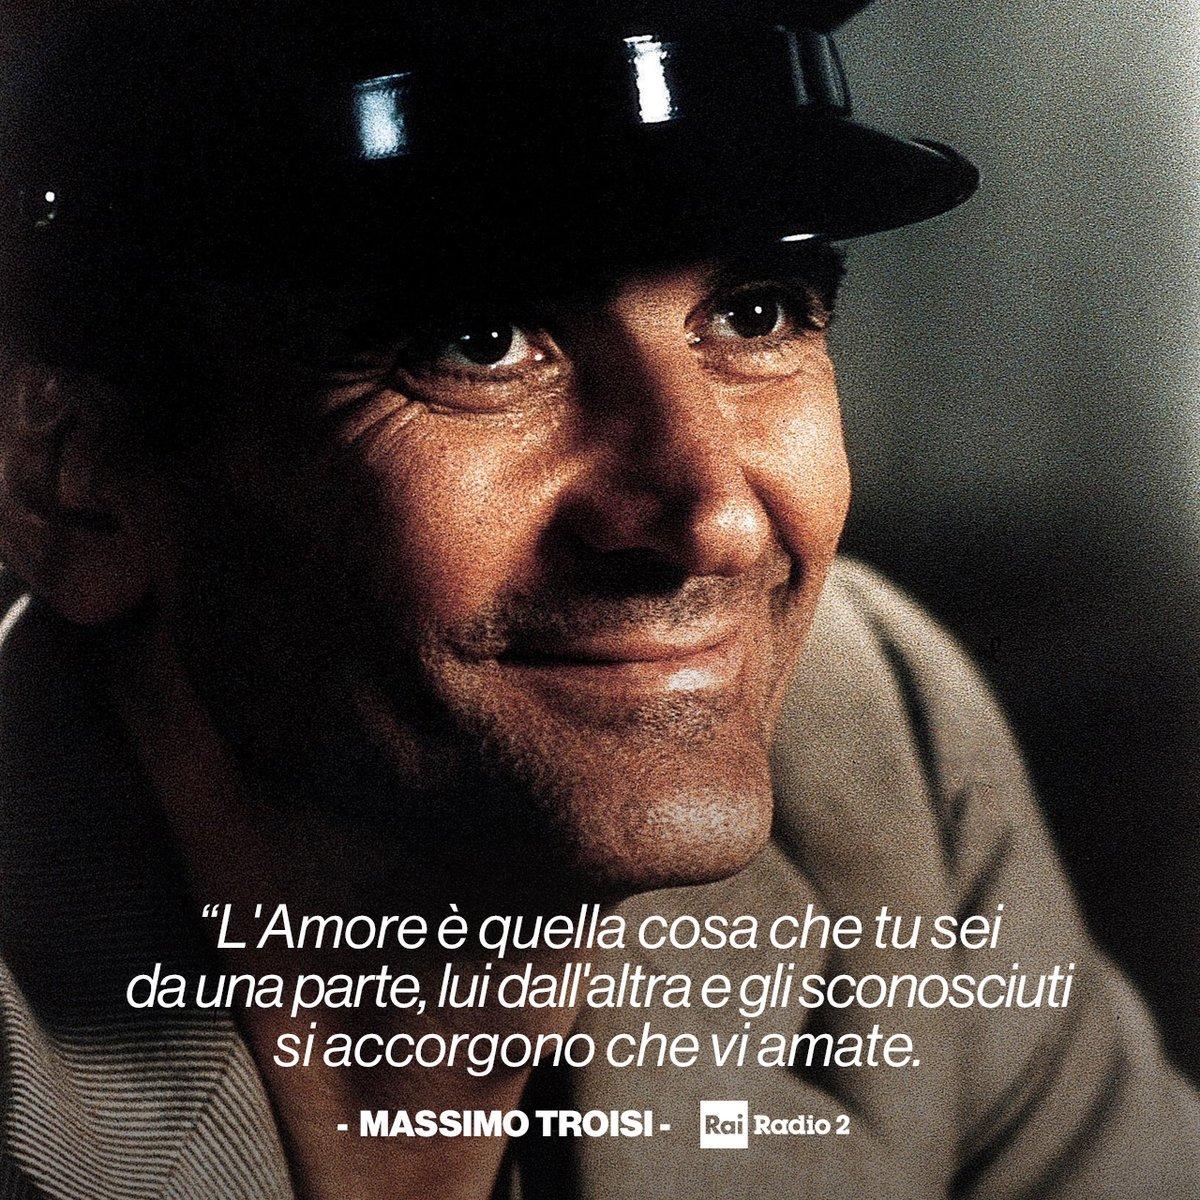 #MassimoTroisi